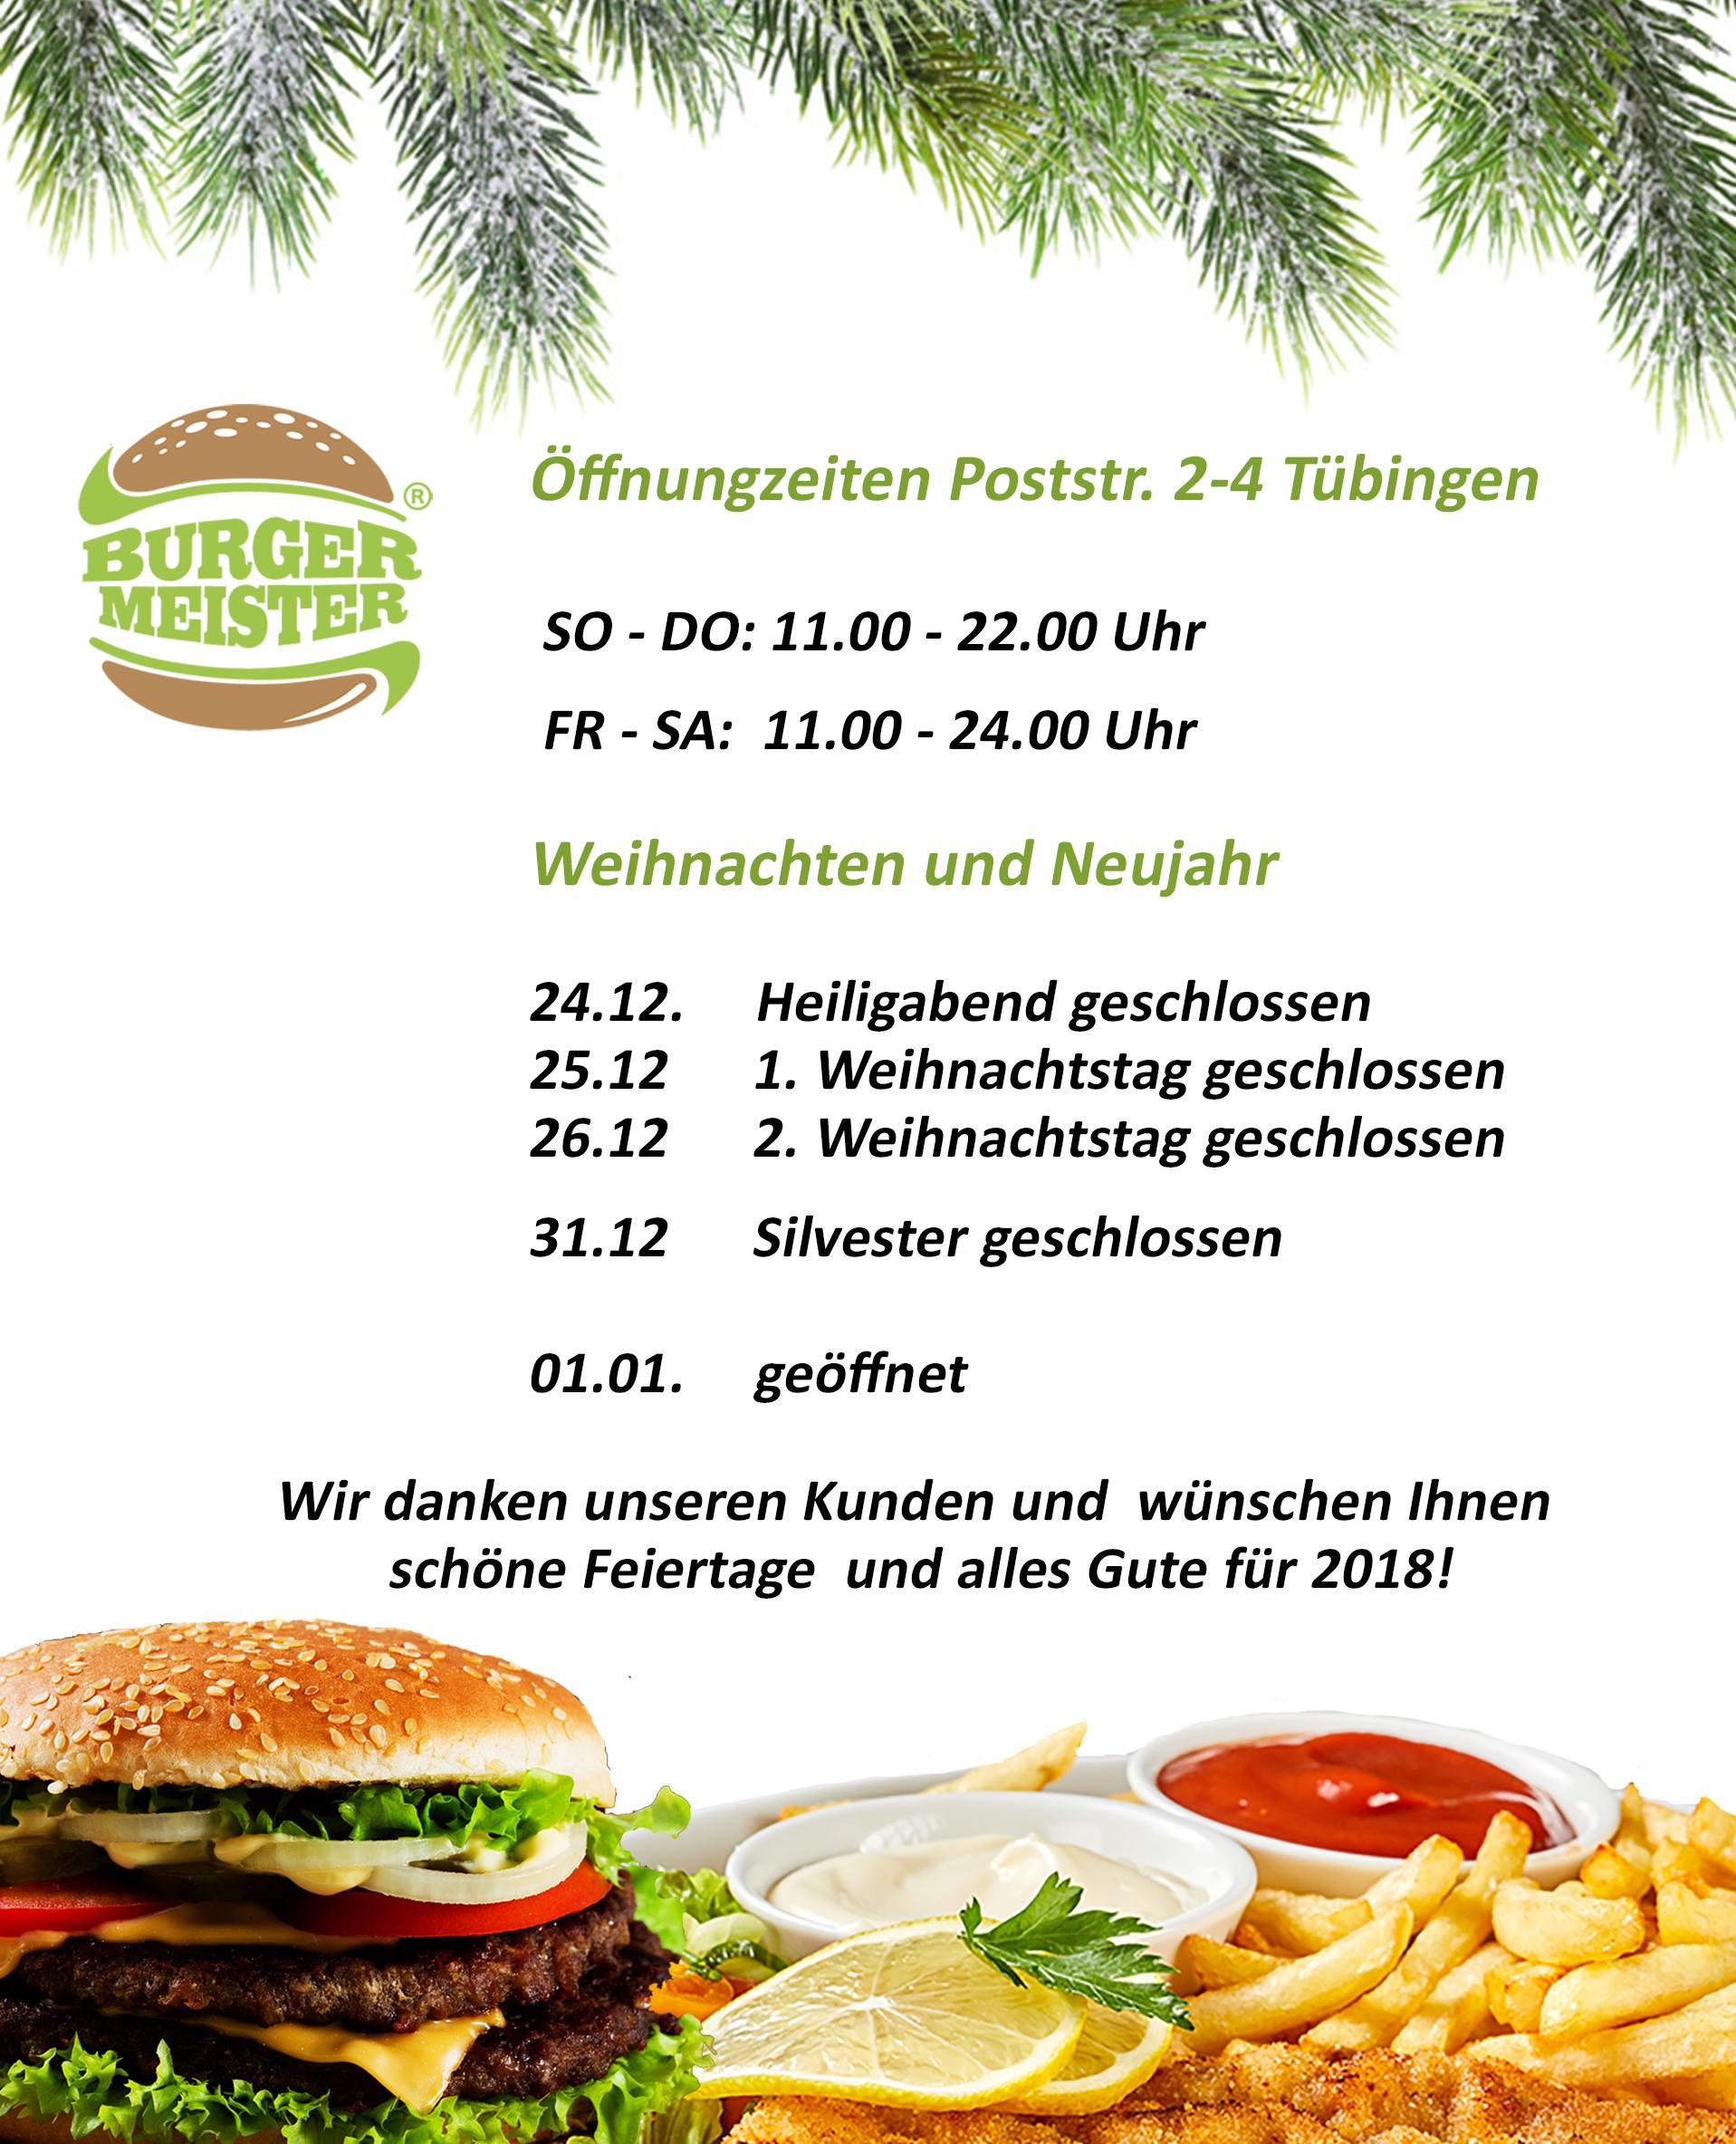 Öffnungszeiten Postr. 2-4, Tü über die Feiertage - Burgermeister ...